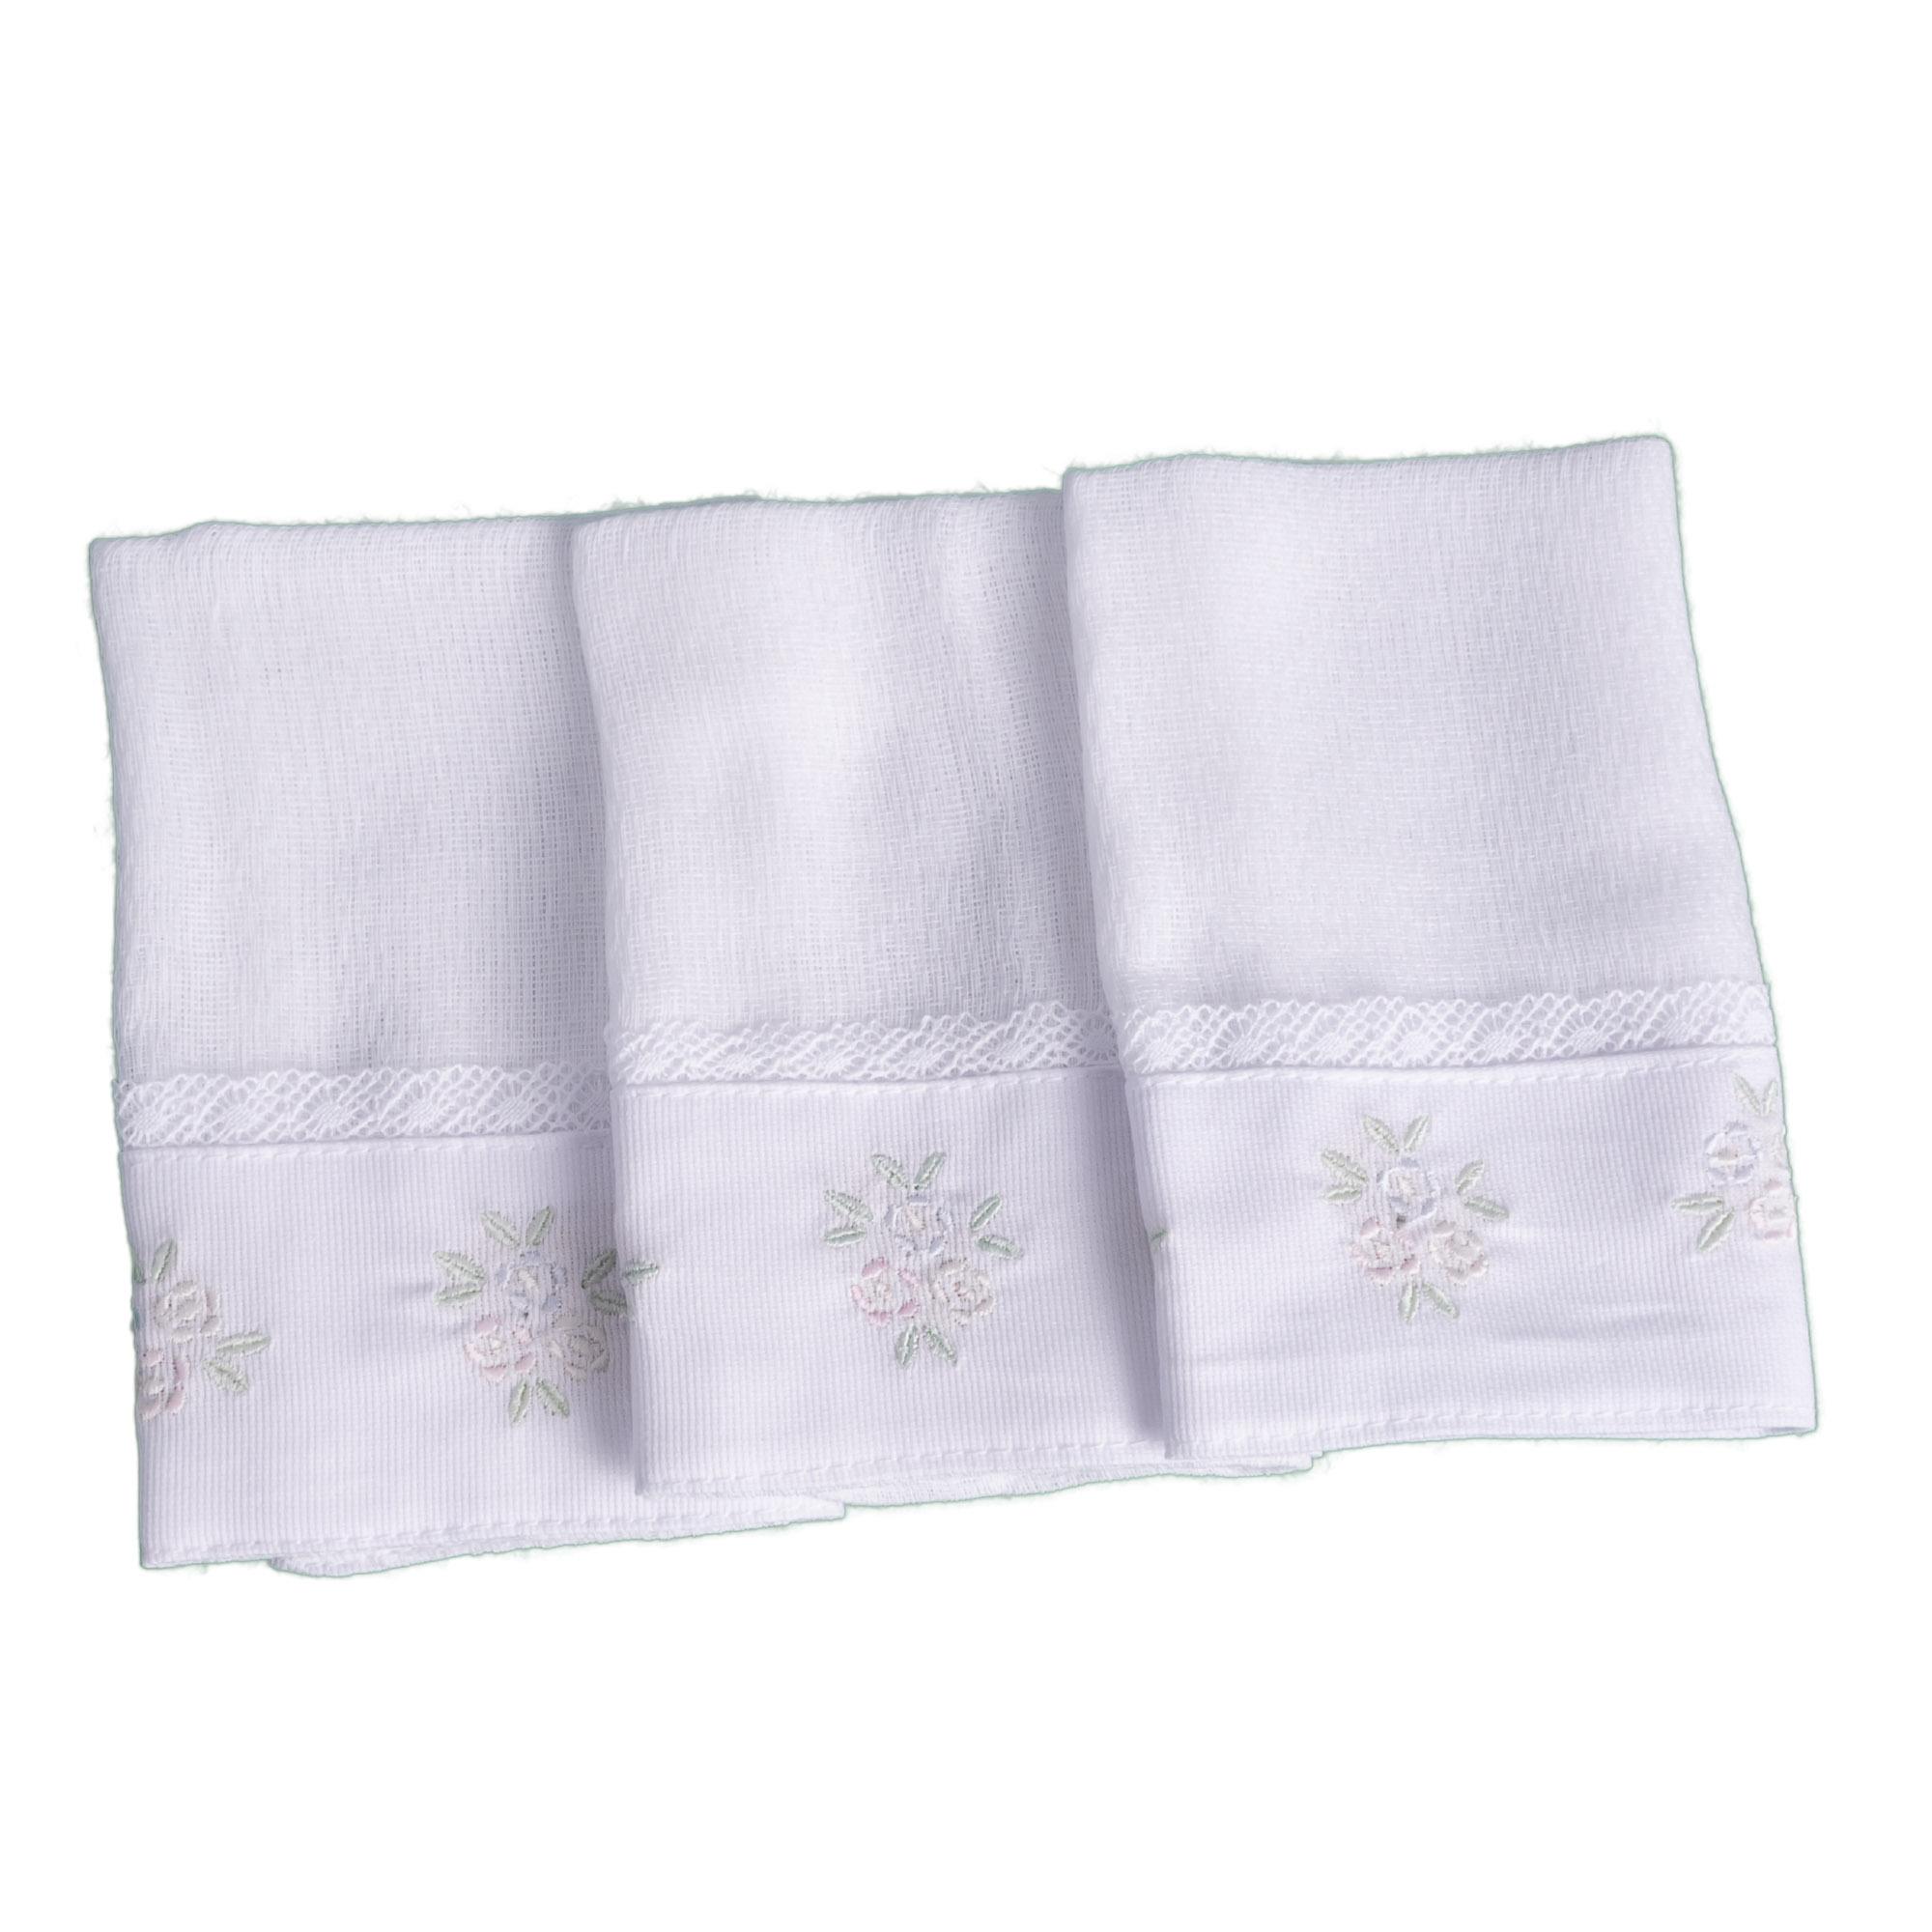 Kit toalha de boca flor com renda 3 peças - Branco